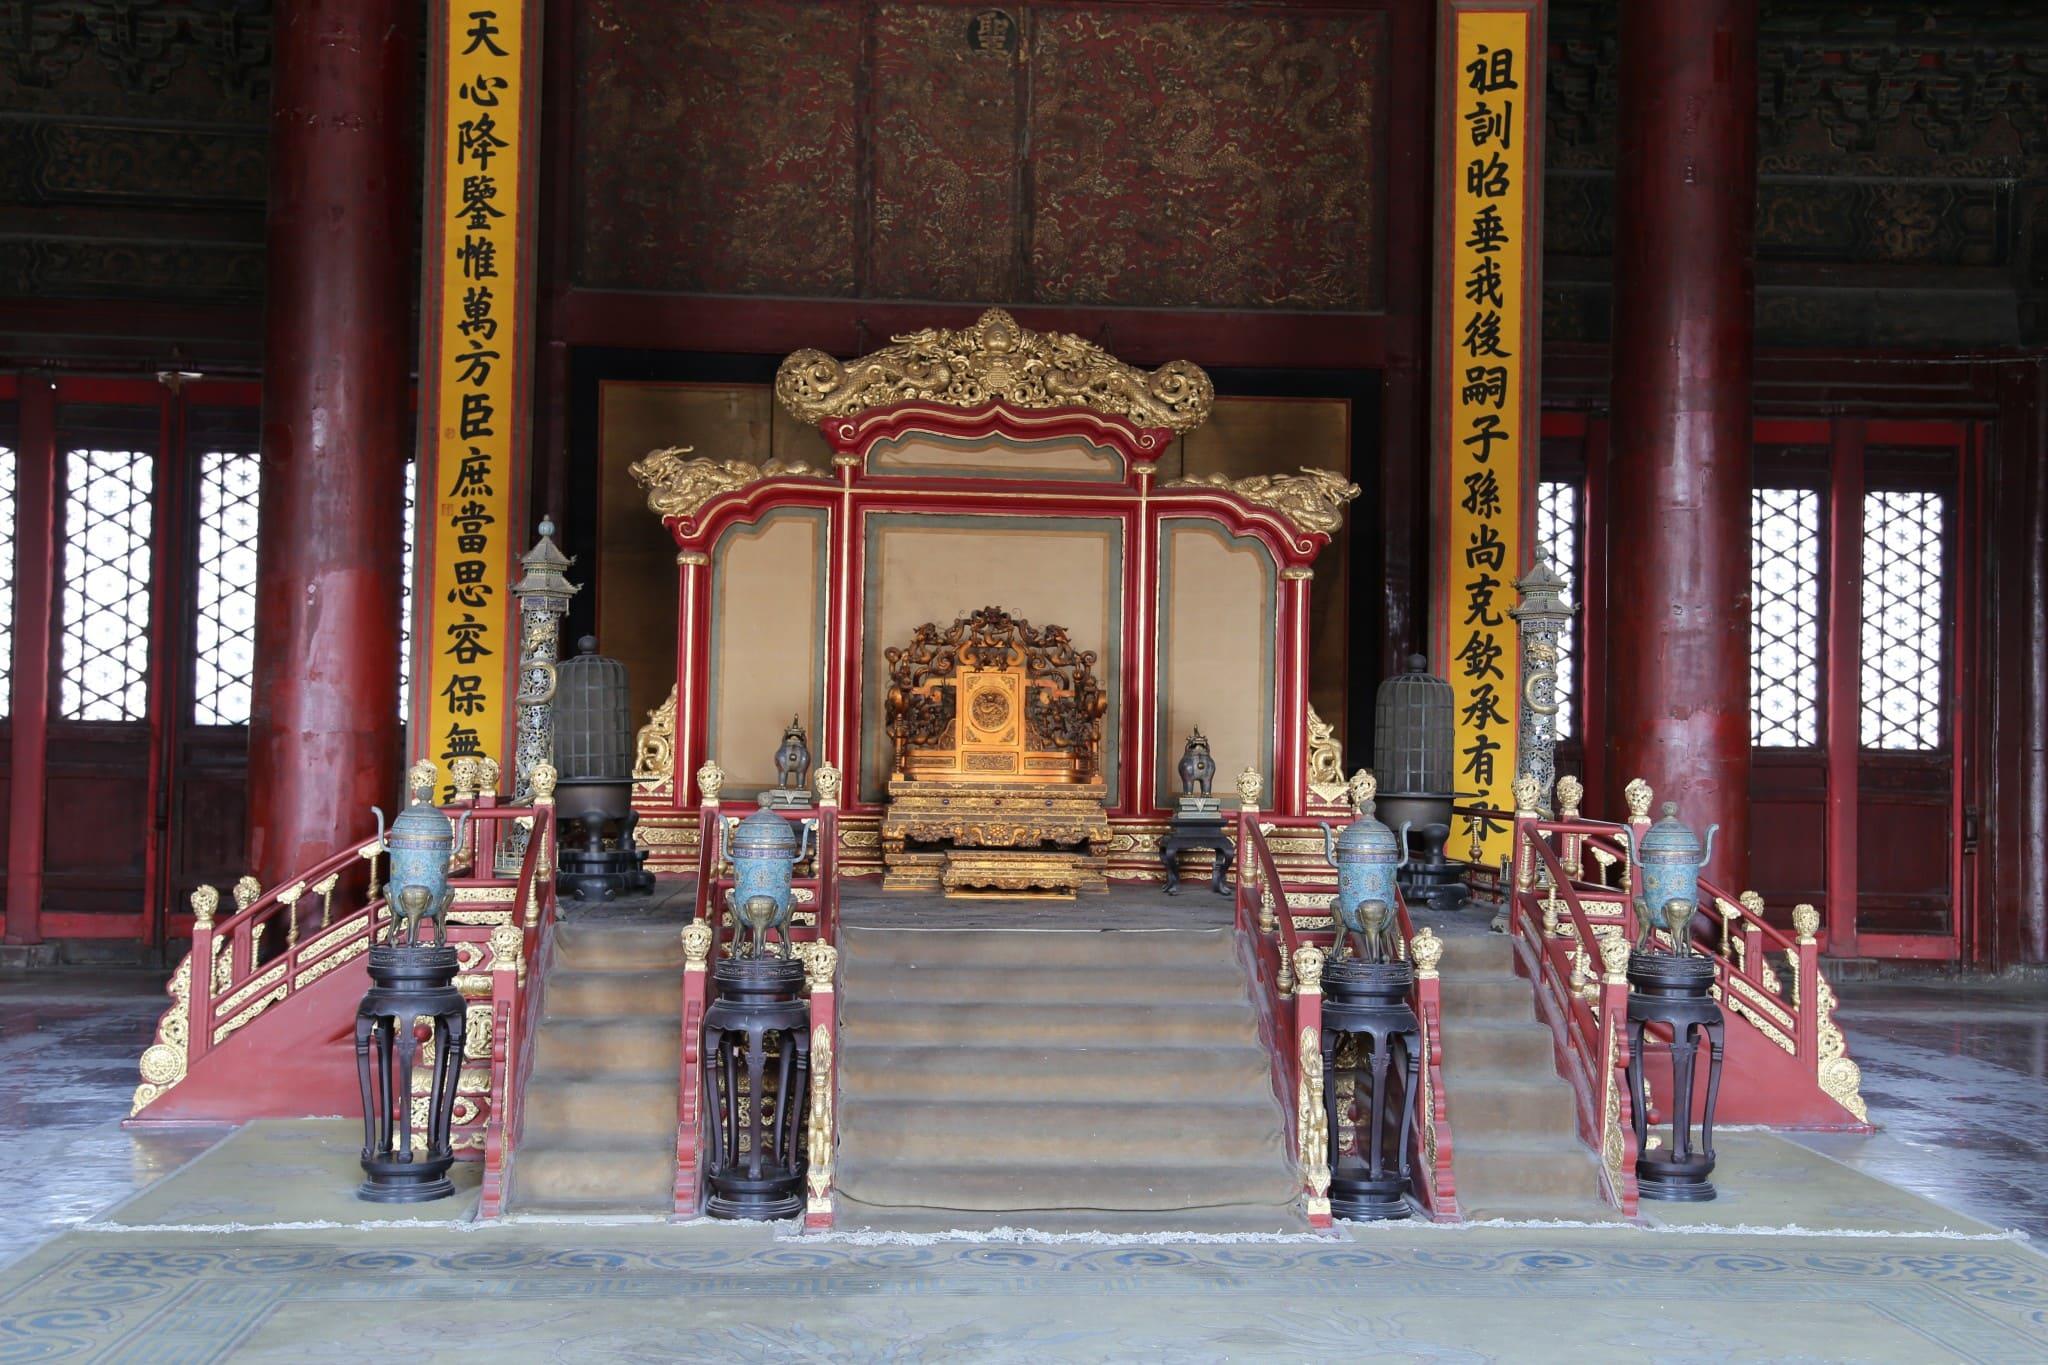 Beijing, Beijing, China - The Forbidden City.  |Imperial Palace Forbidden City Beijing China